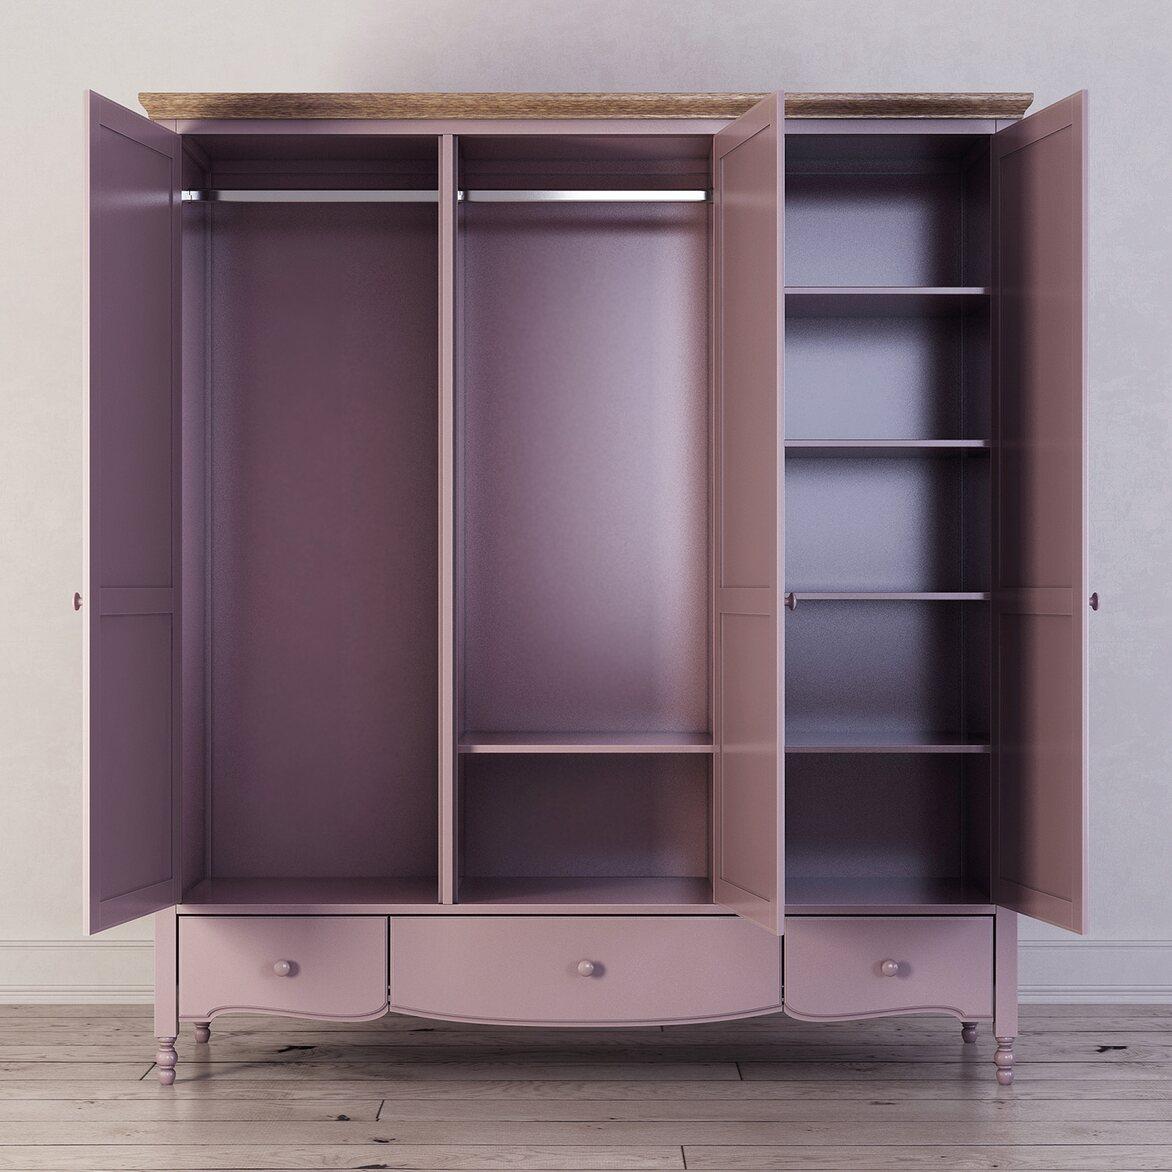 Шкаф трехстворчатый Leblanc, лаванда 3   Платяные шкафы Kingsby